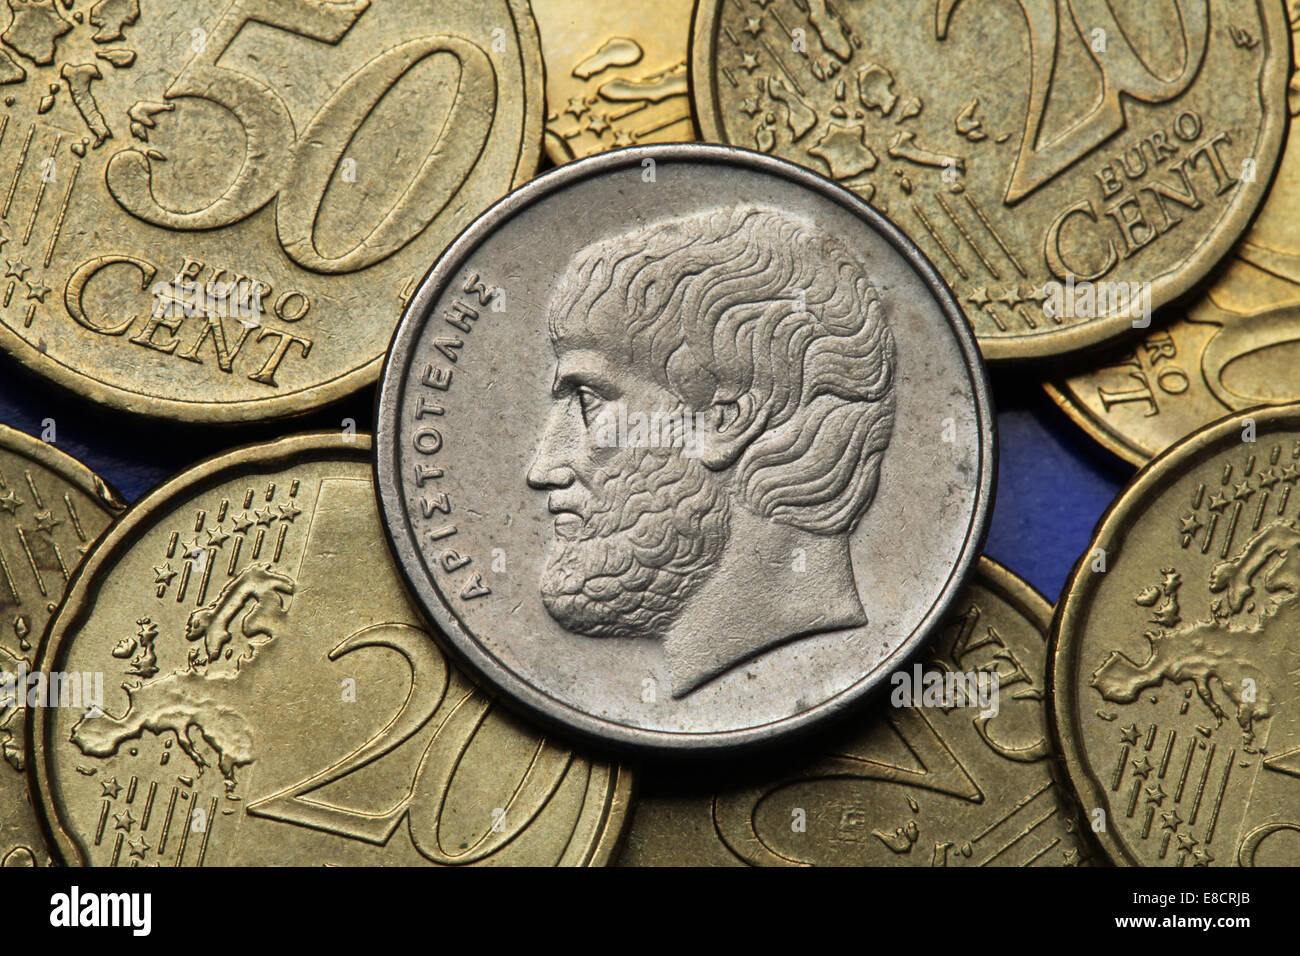 Münzen Aus Griechenland Der Griechische Philosoph Das Den